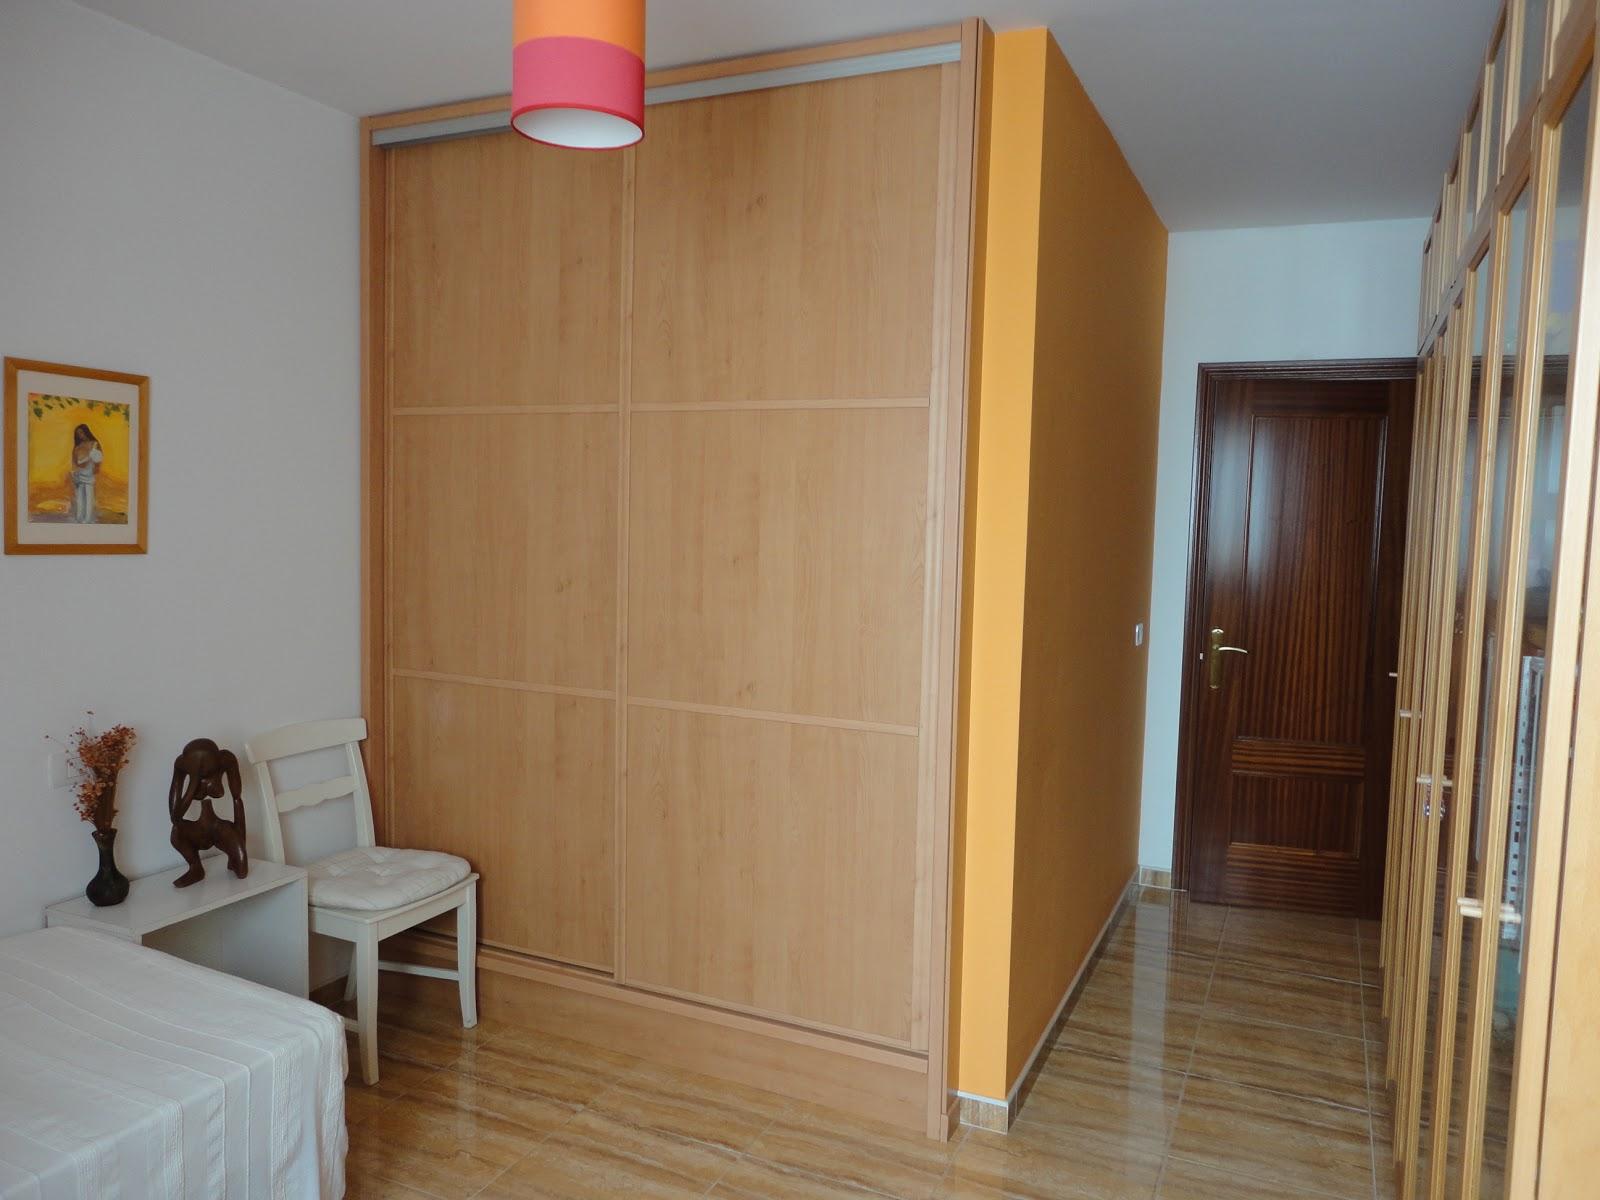 Vendo piso en ingenio dormitorio 2 - Pisos en ingenio ...